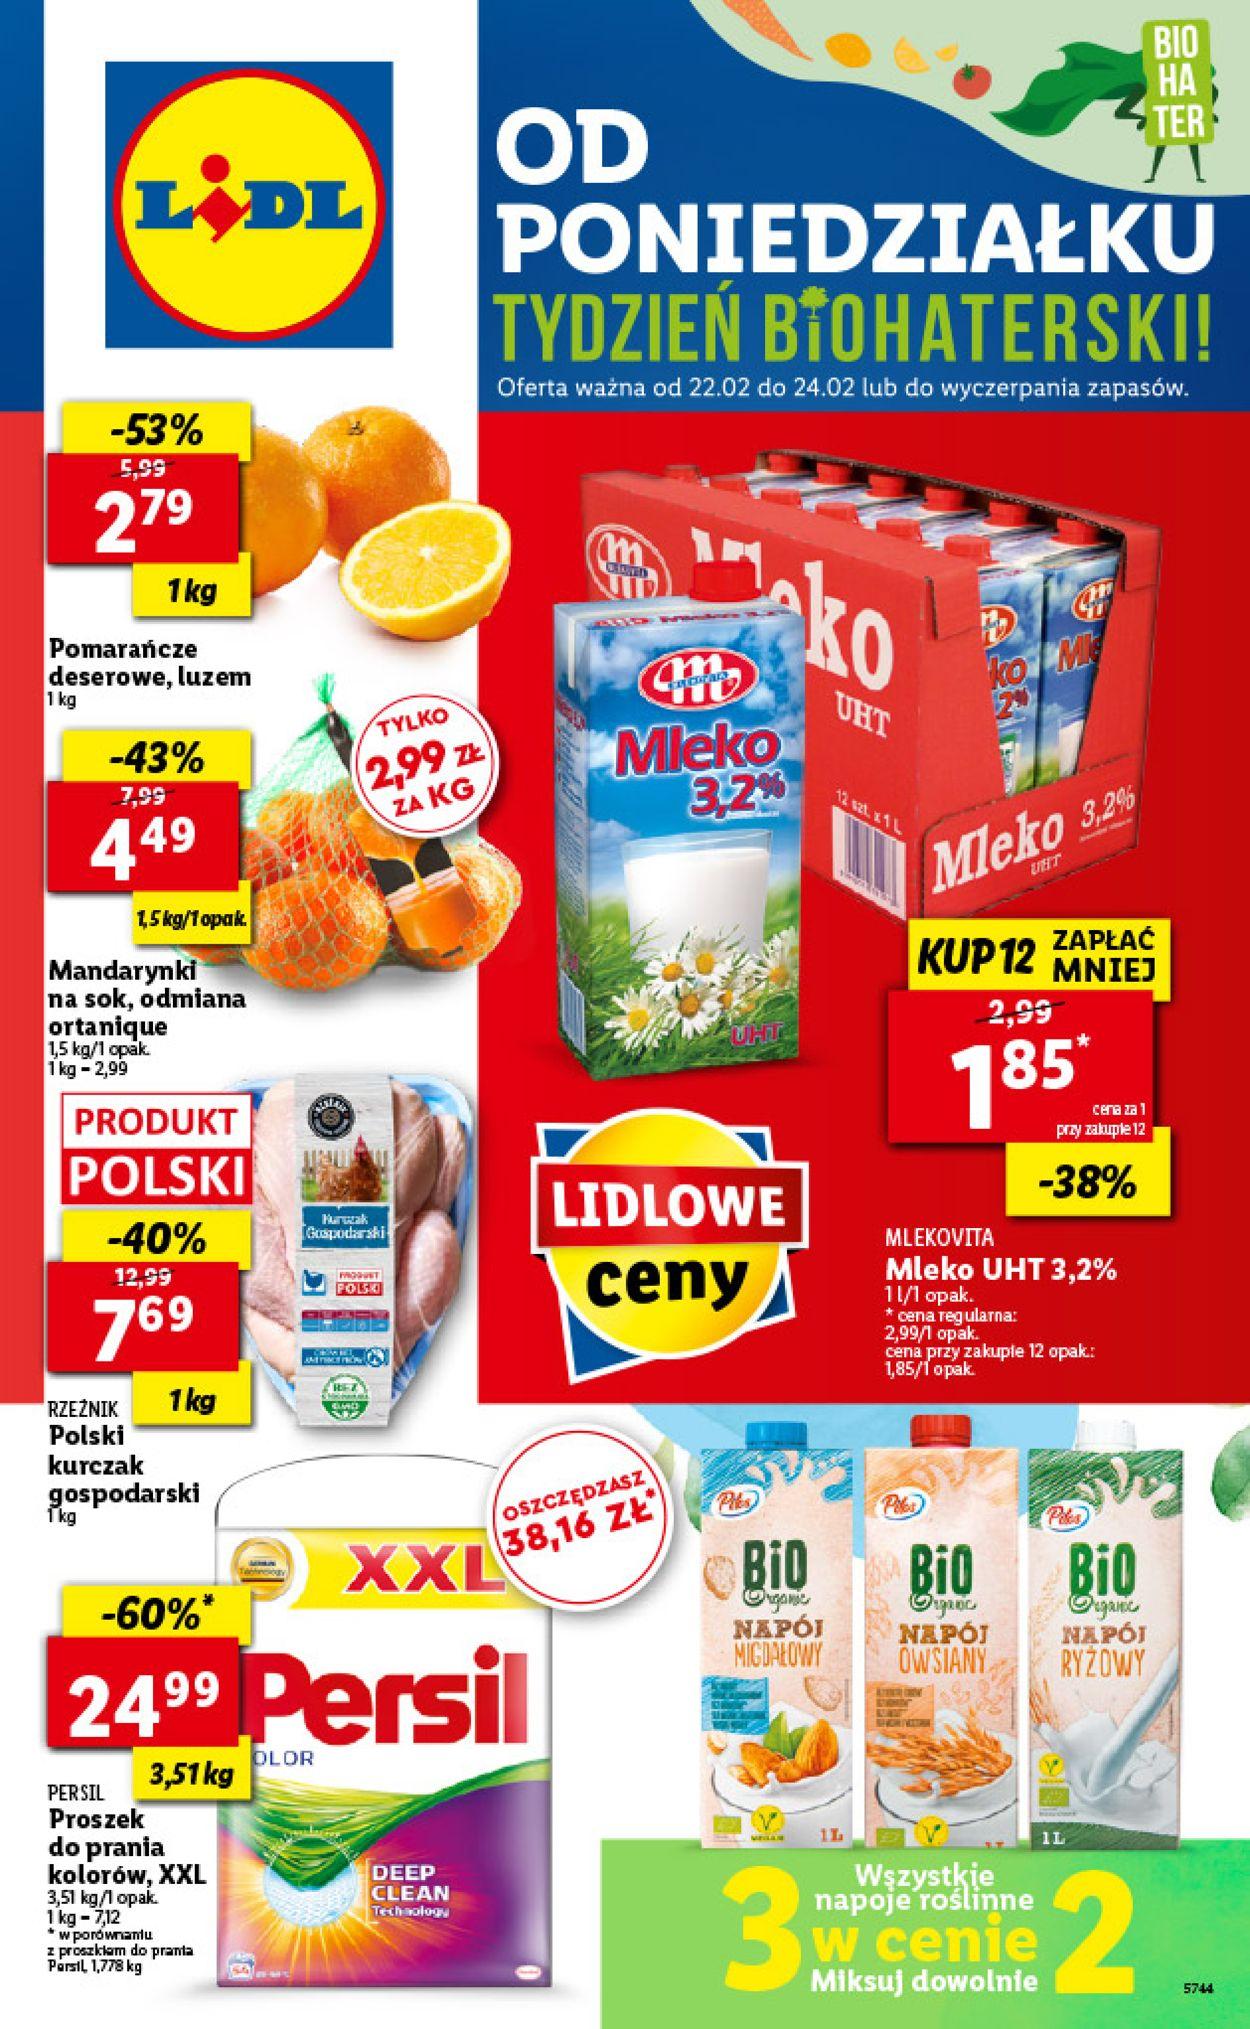 Gazetka promocyjna LIDL - 22.02-24.02.2021